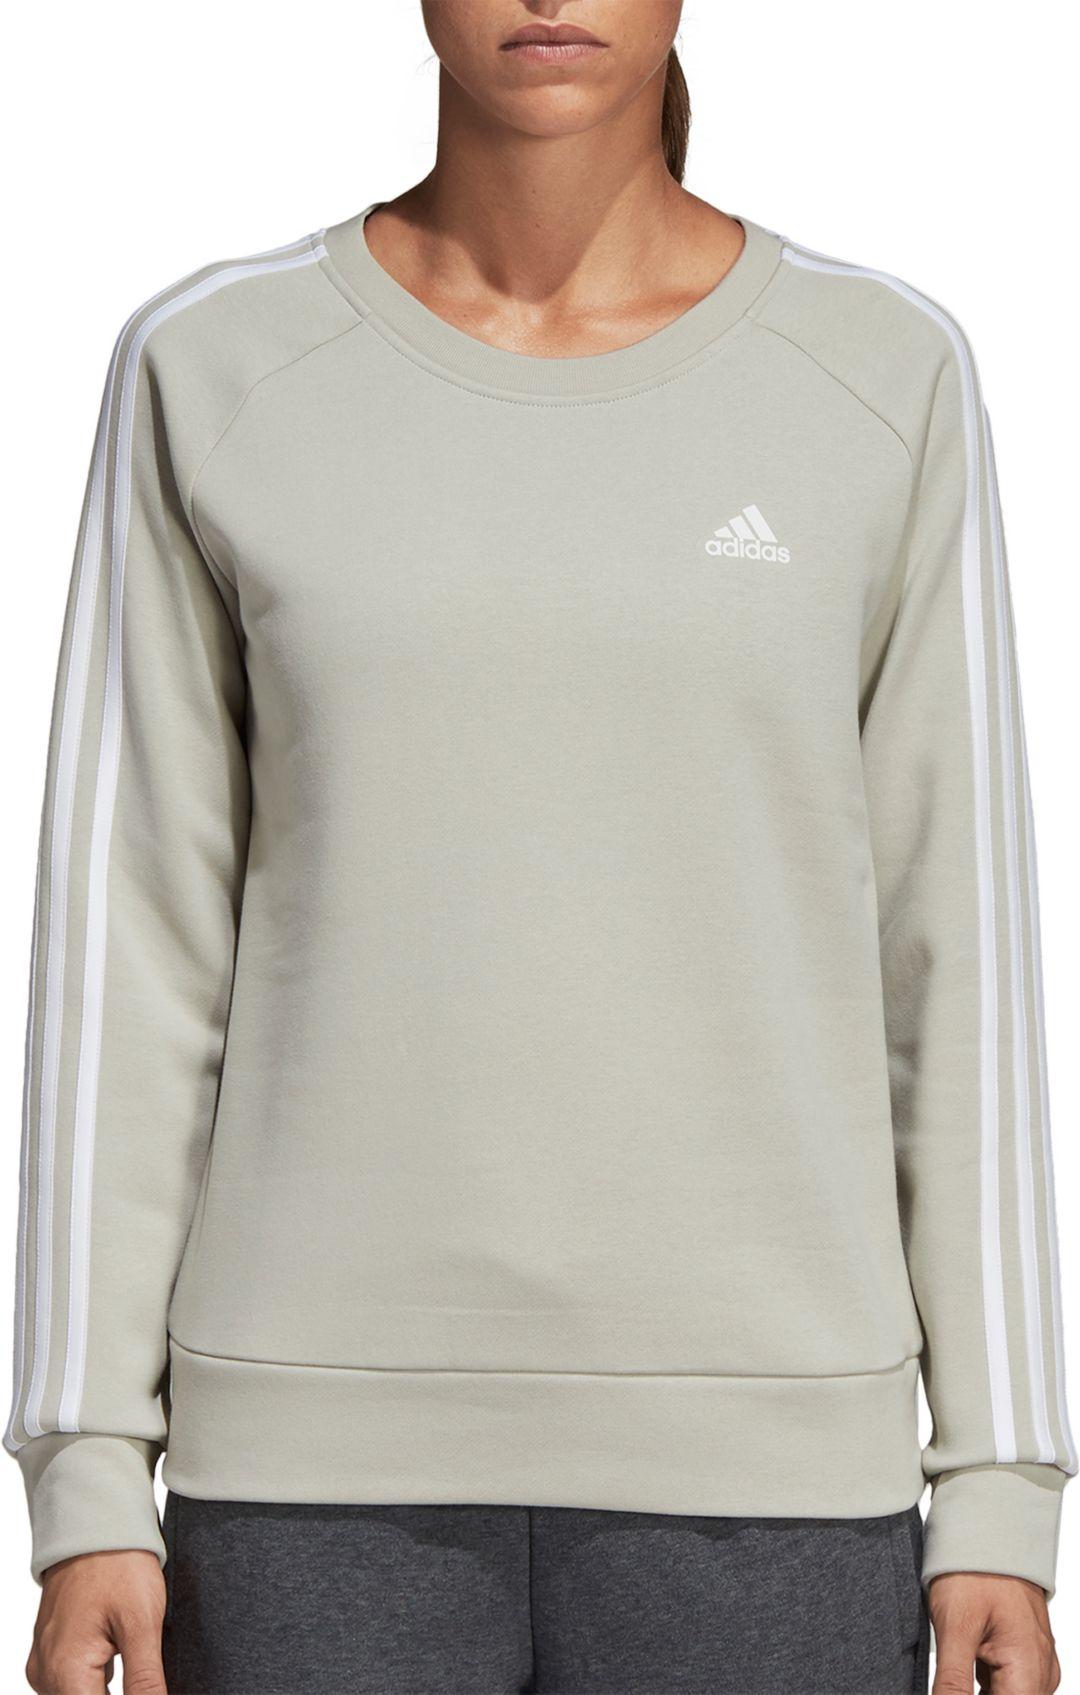 2e2c785cb6a9 adidas Women's Essentials 3-Stripes Crewneck Sweatshirt. noImageFound.  Previous